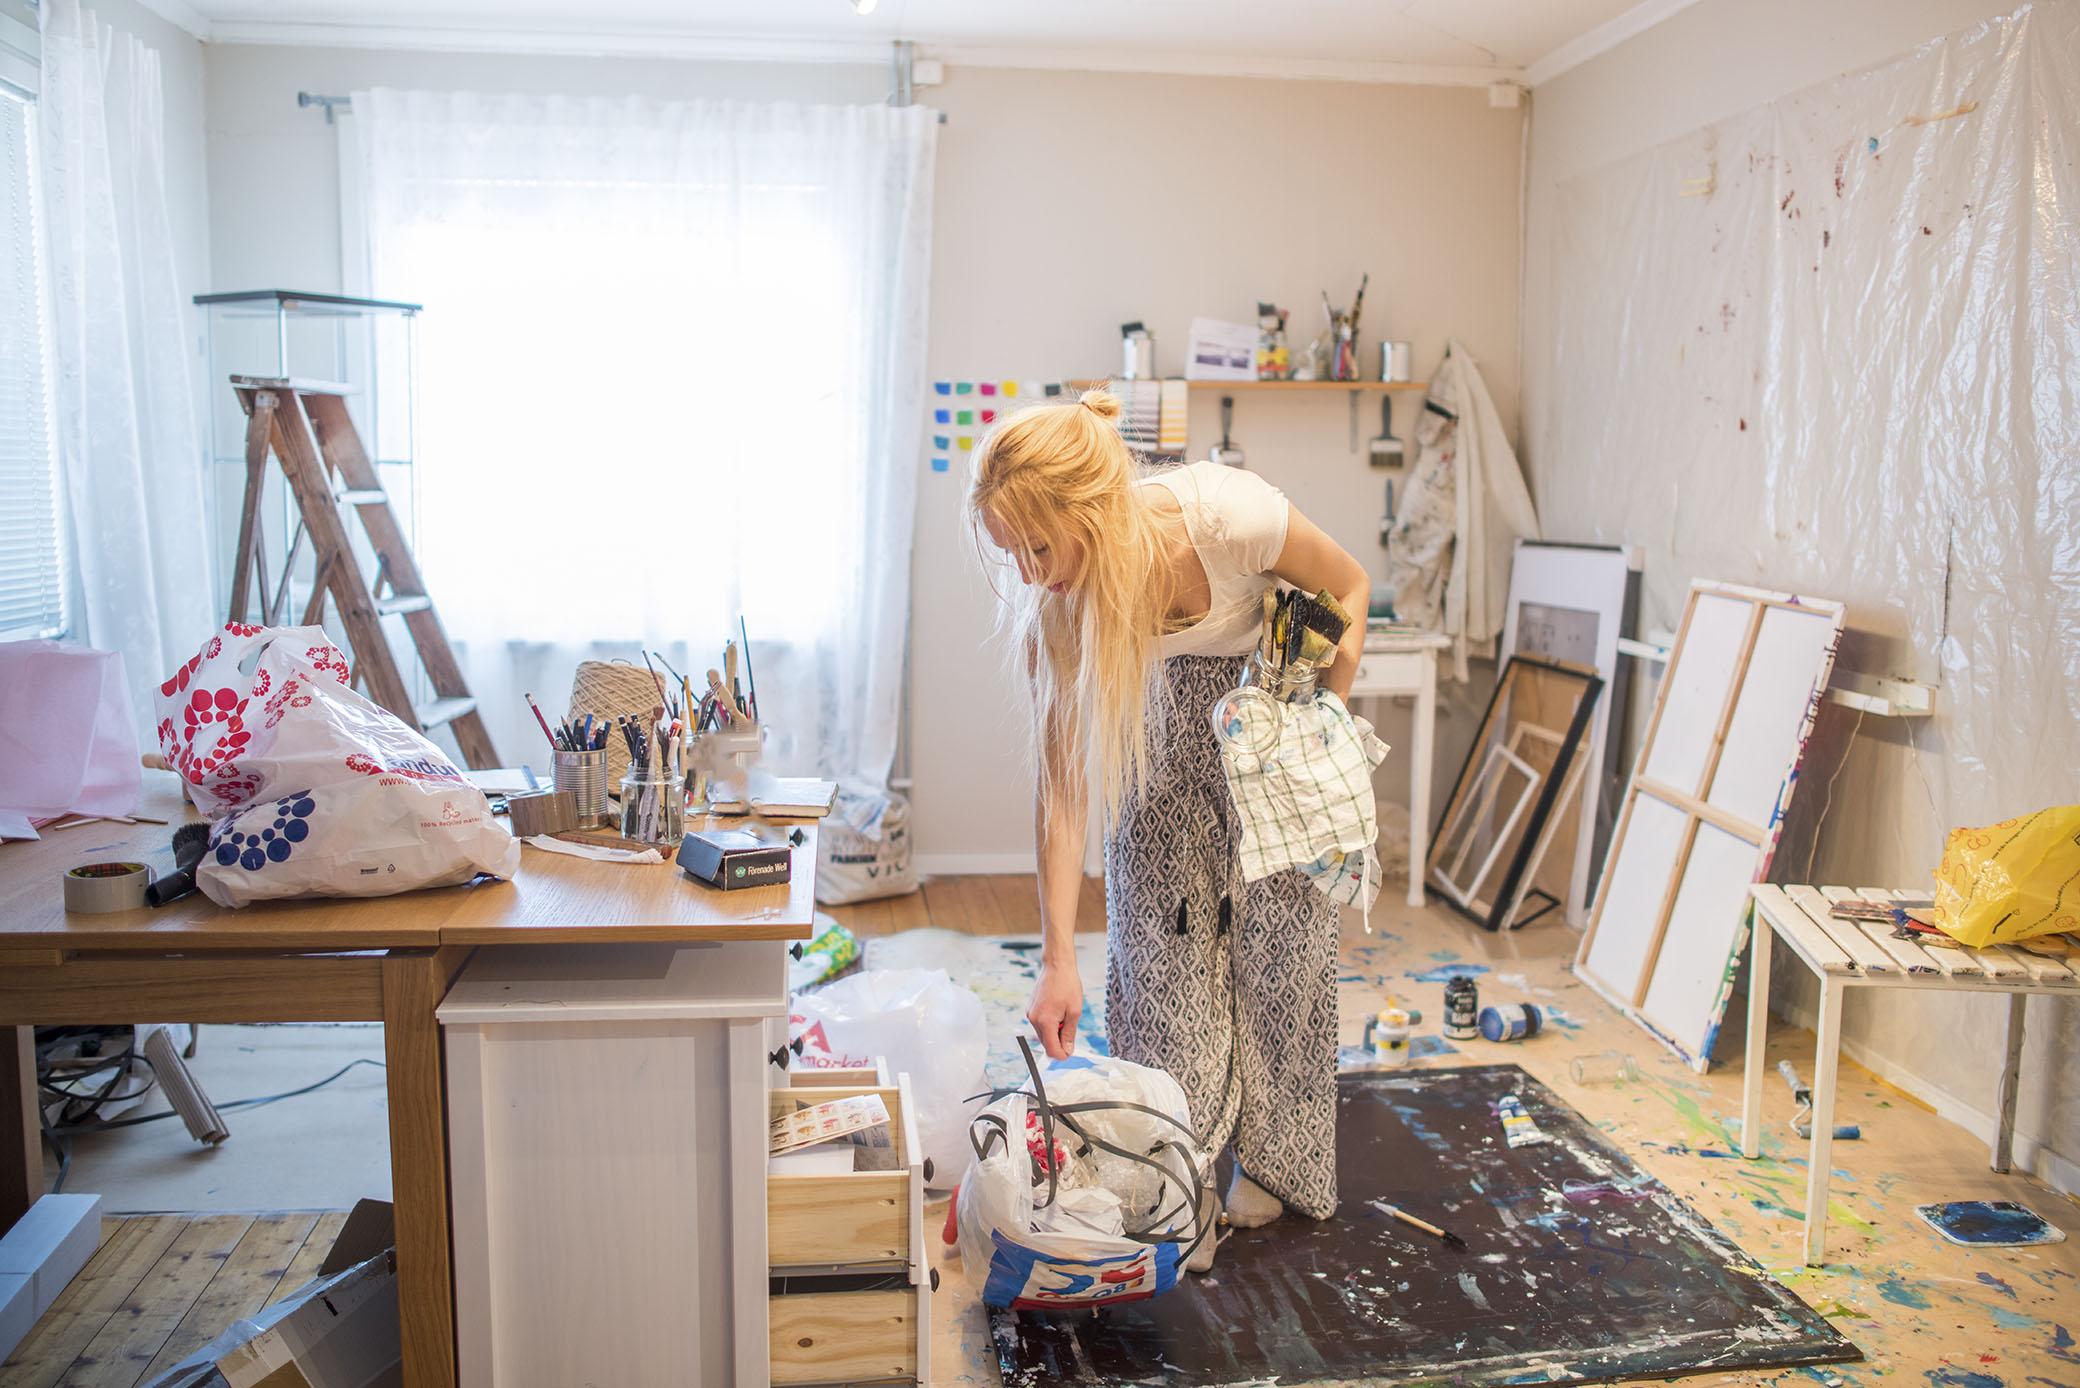 Storstädning i ateljén. Det behövs verkligen nu. Jag ska bära ut alla grejer förutom möblerna så det blir tomt och lätt att städa och skura.